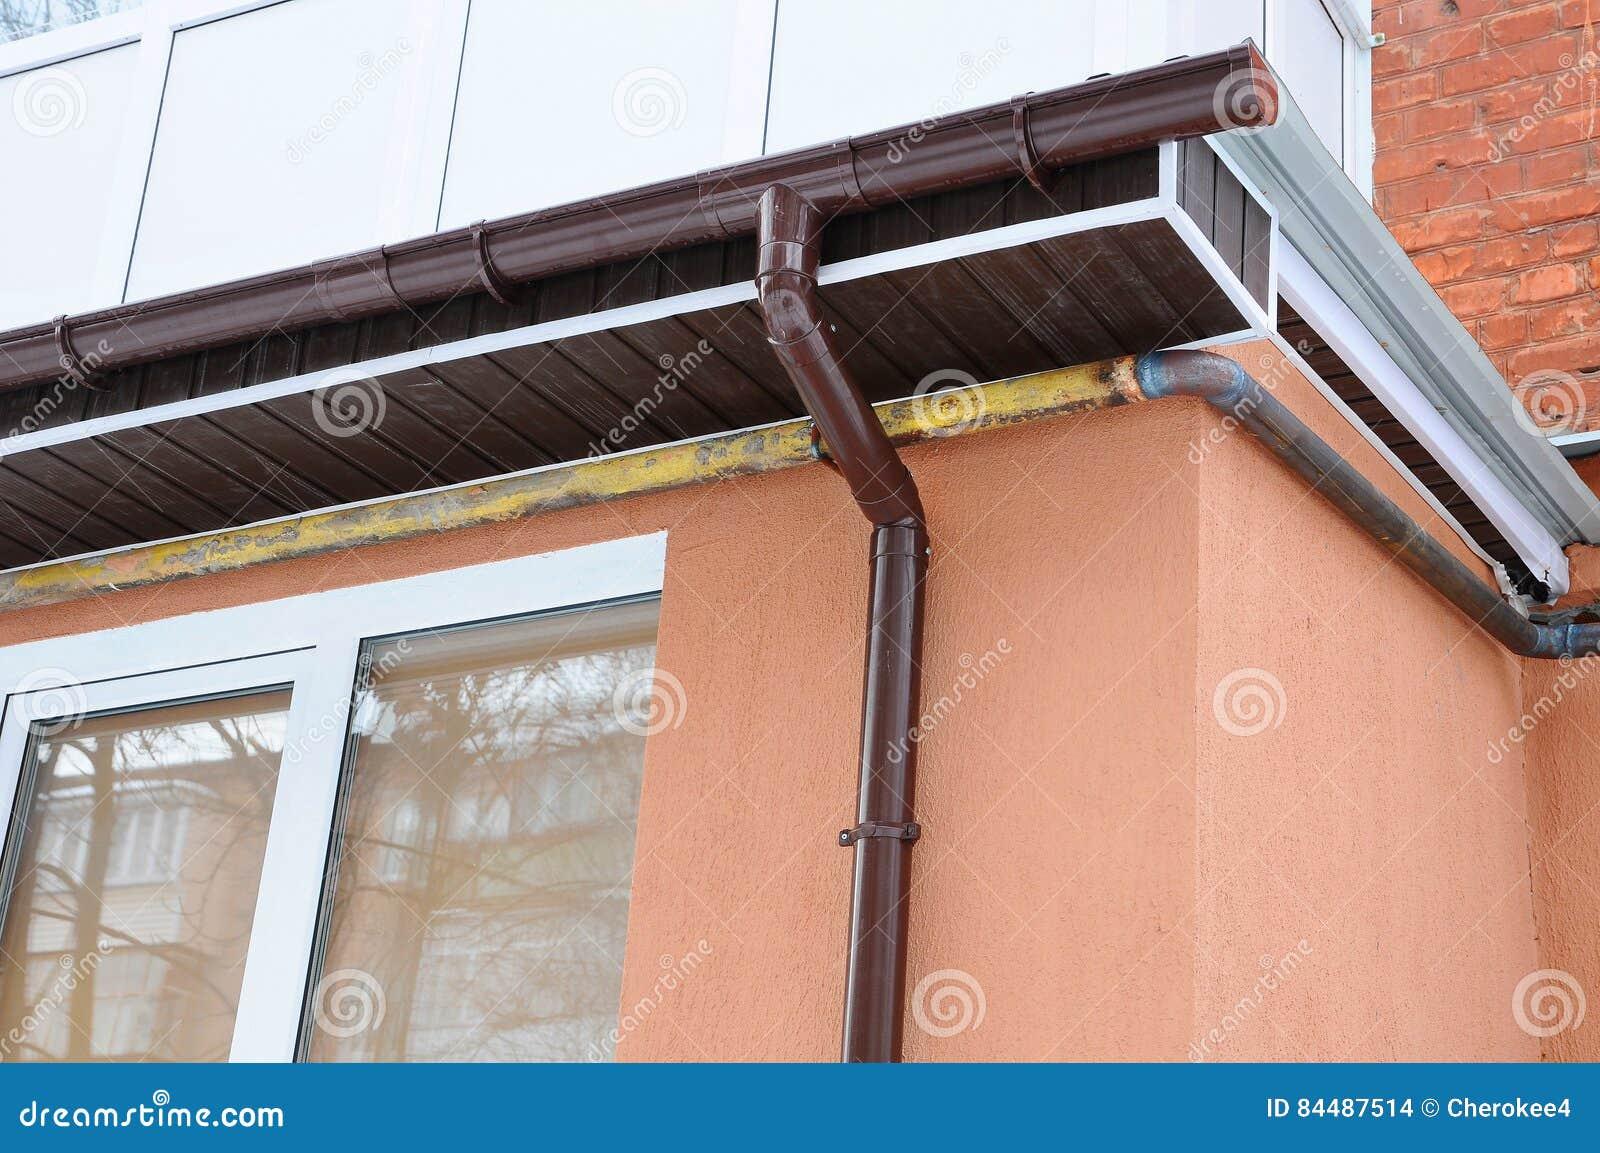 Podeszczowa Rynna Na Dachu Balkon Nowe Rynny Dla Wodnego